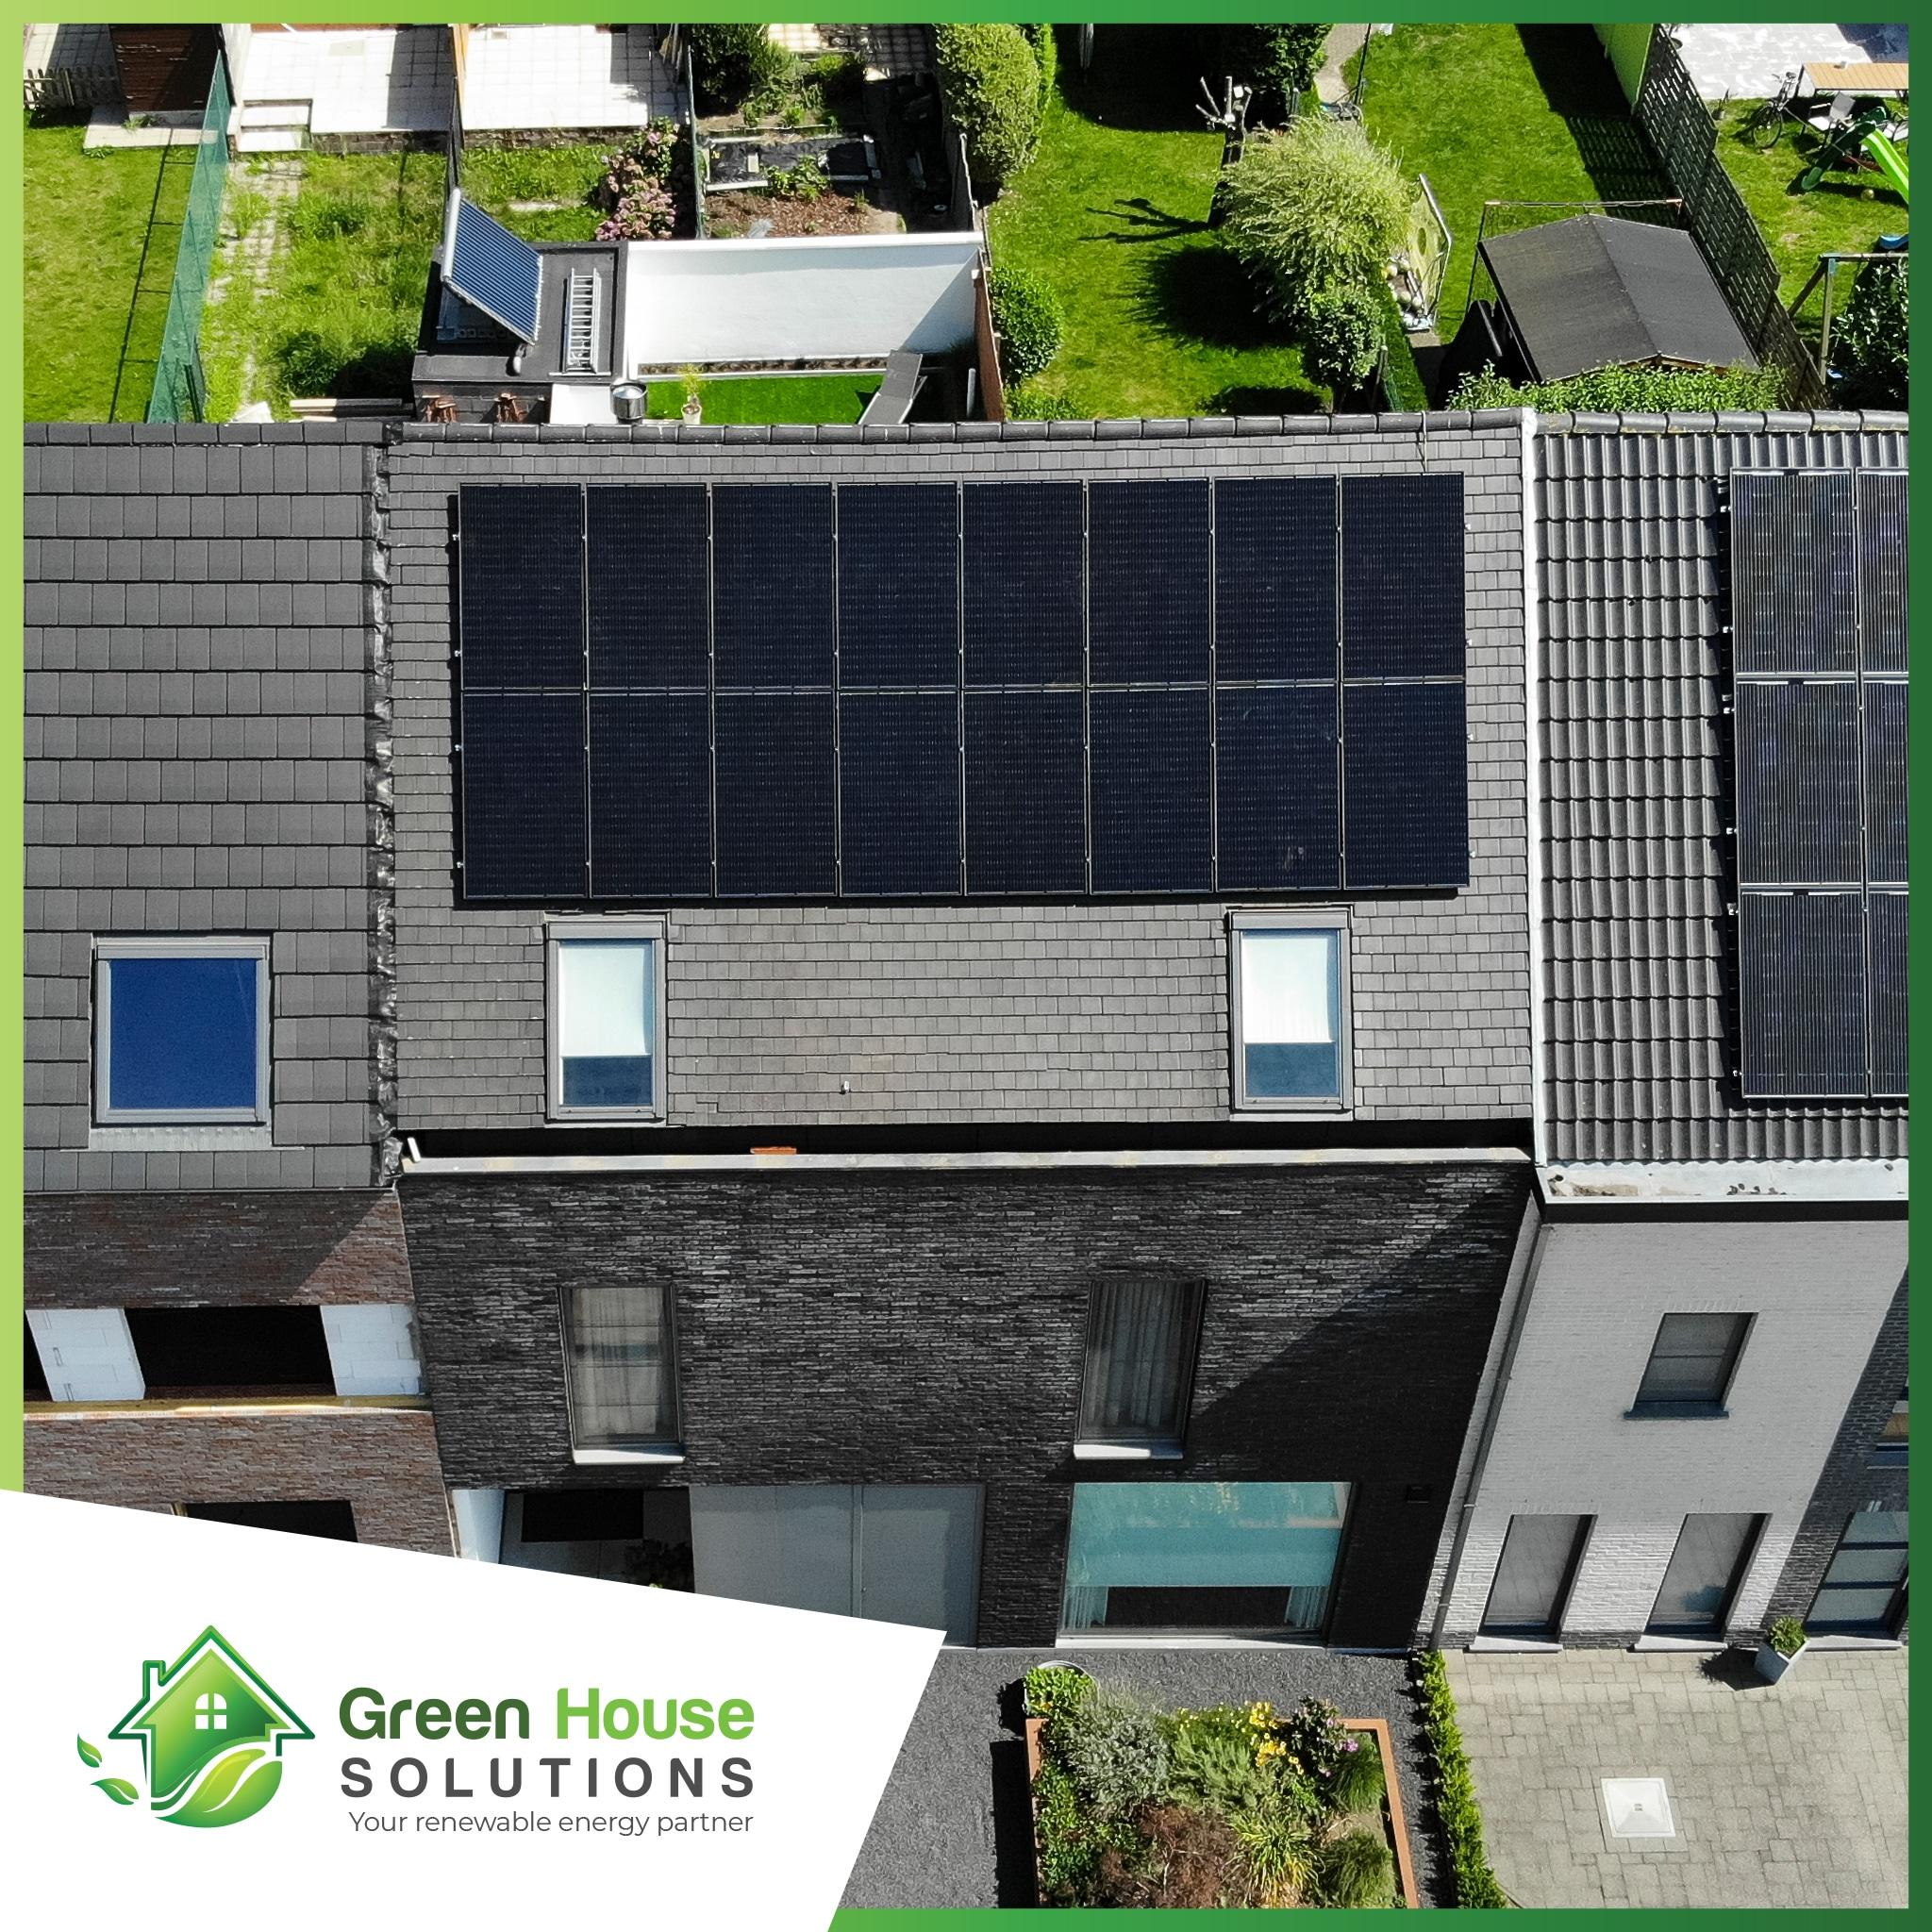 Green House Solutions zonnepanelen plaatsen installeren of kopen 00017